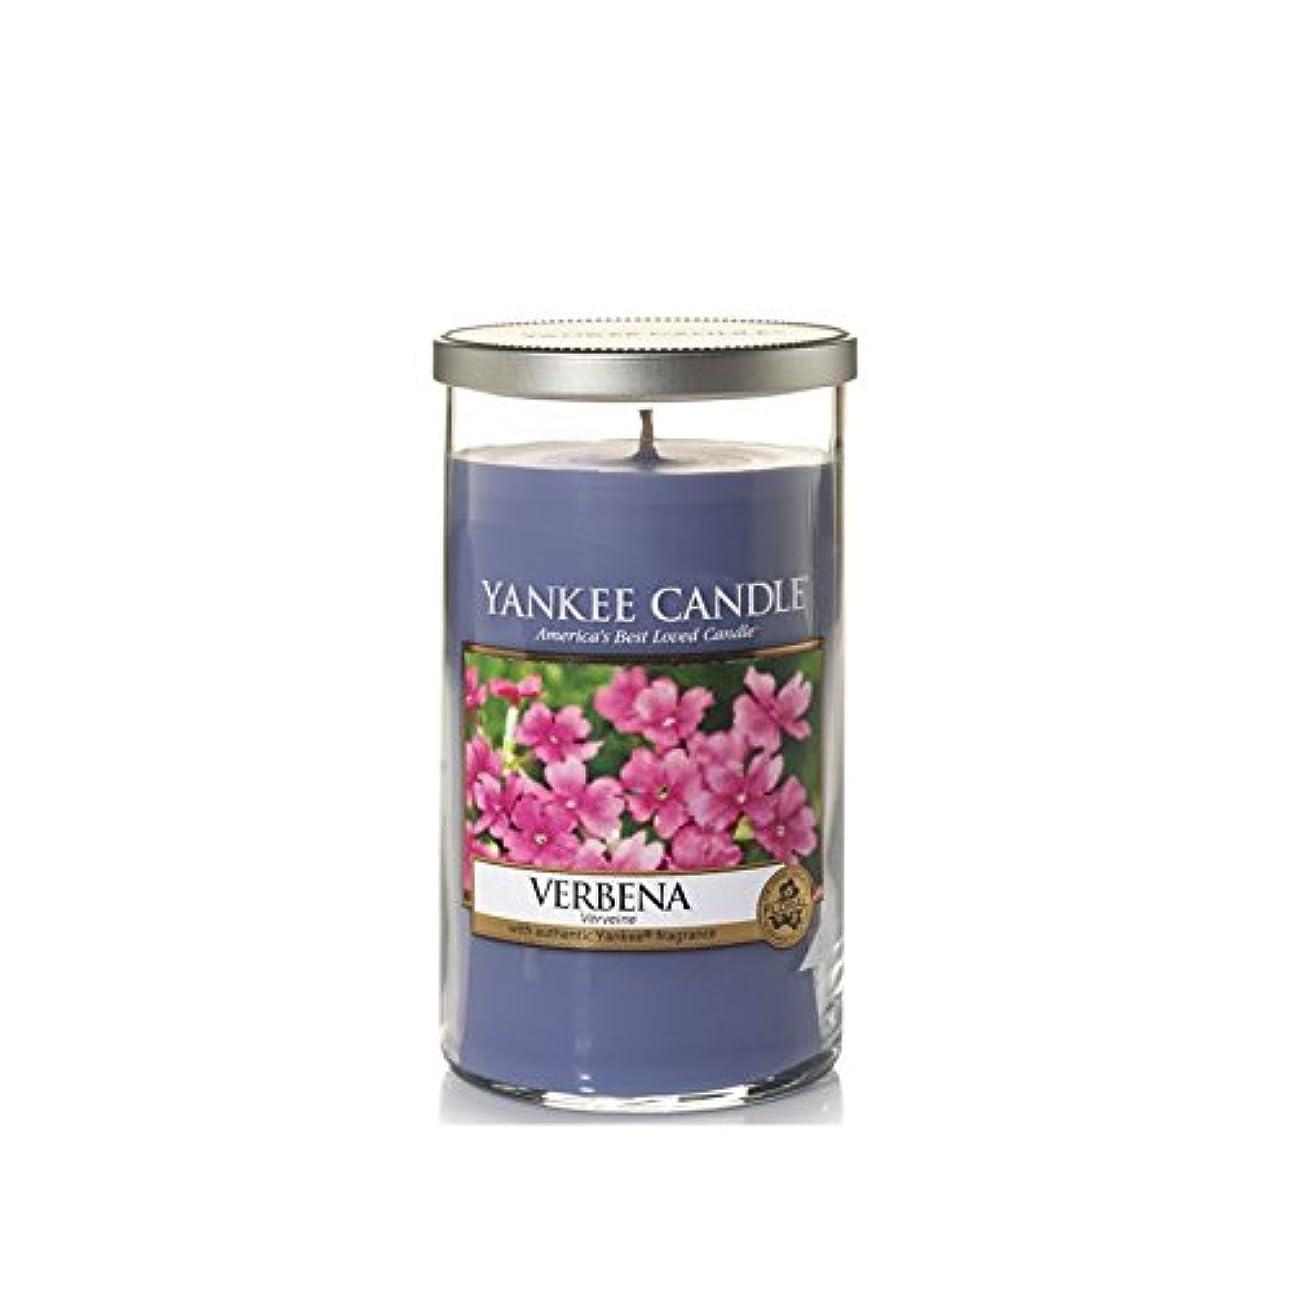 参照娯楽再編成するYankee Candles Medium Pillar Candle - Verbena (Pack of 2) - ヤンキーキャンドルメディアピラーキャンドル - バーベナ (x2) [並行輸入品]